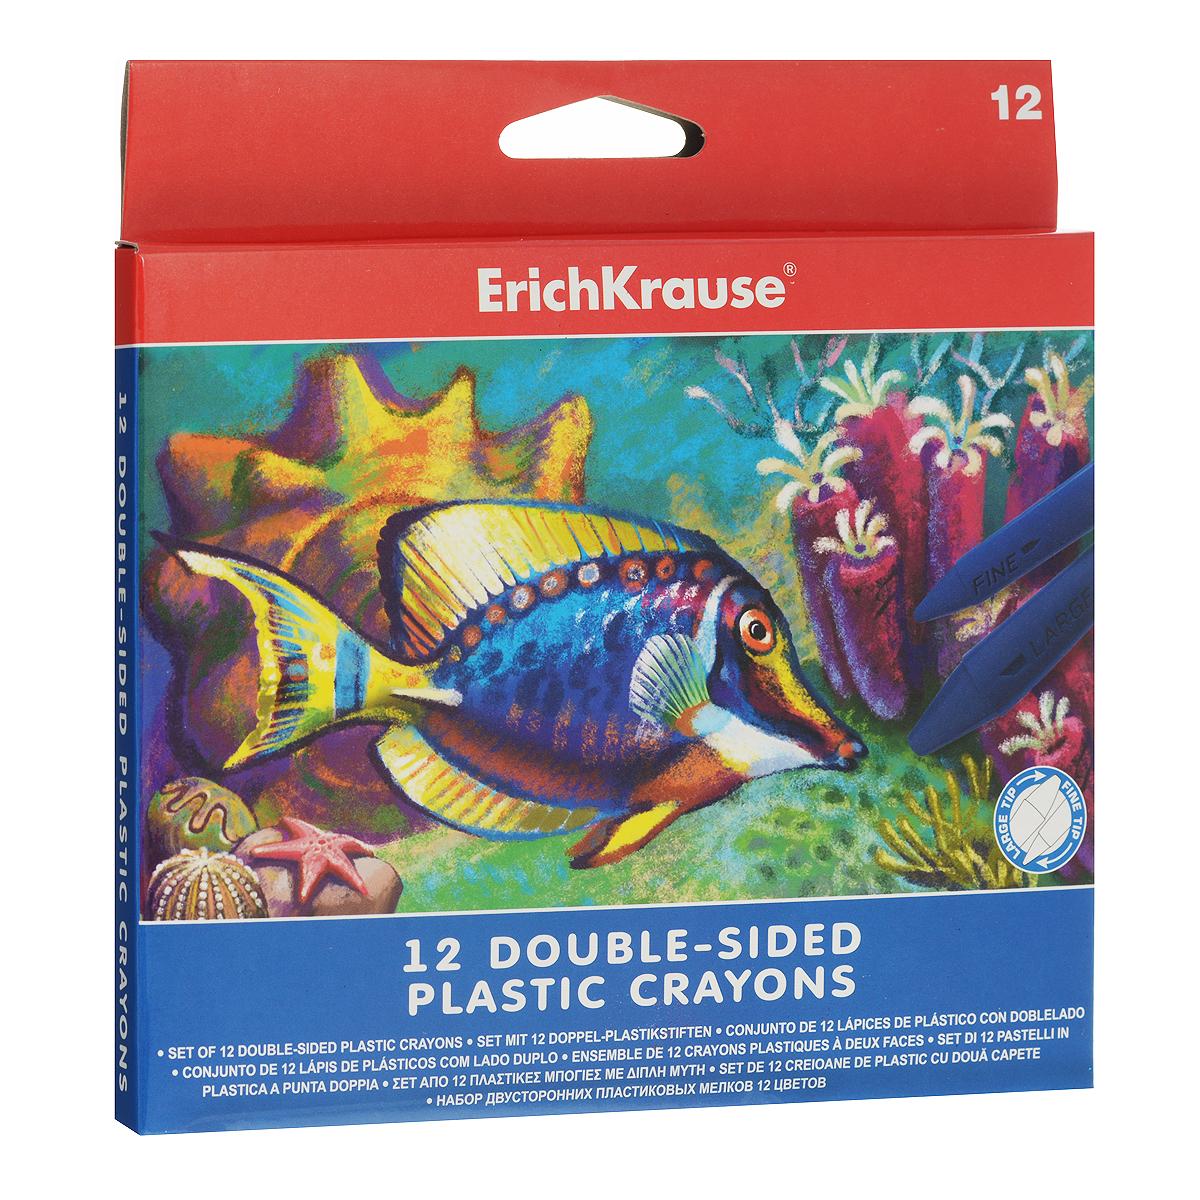 Двусторонние мелки Erich Krause, 12 цветов34928Двусторонние мелки Erich Krause помогут вашему маленькому художнику раскрыть свой талант. В набор входят 12 цветных мелков (желтый, оранжевый, розовый, красный, коричневый, салатовый, зеленый, голубой, синий, светло-фиолетовый, фиолетовый, черный).Мелками очень удобно пользоваться: с одной стороны имеется широкий наконечник для быстрого раскрашивания, а с другой - узкий наконечник для тонких линий. Их не нужно точить, кроме того, они водоустойчивы. Мелки помогут малышу развить мелкую моторику рук, координацию движений, цветовое восприятие, воображение и творческое мышление.